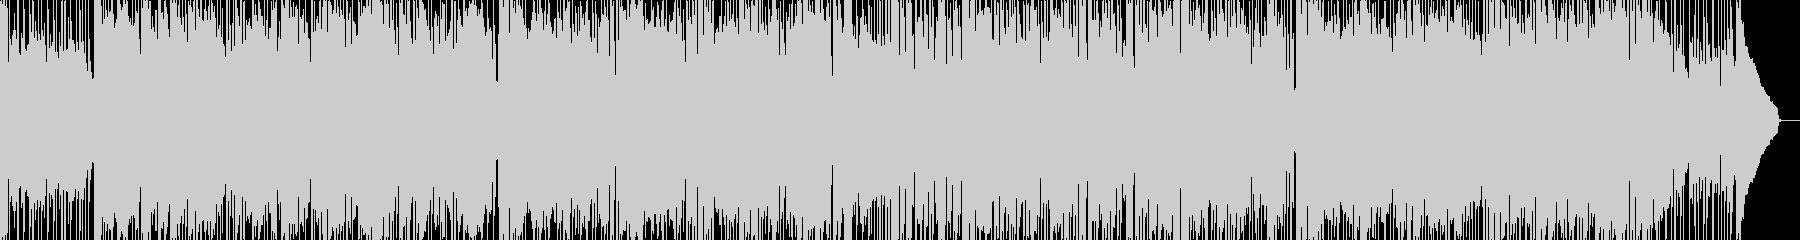 キッズ向けのミッドテンポBGMの未再生の波形